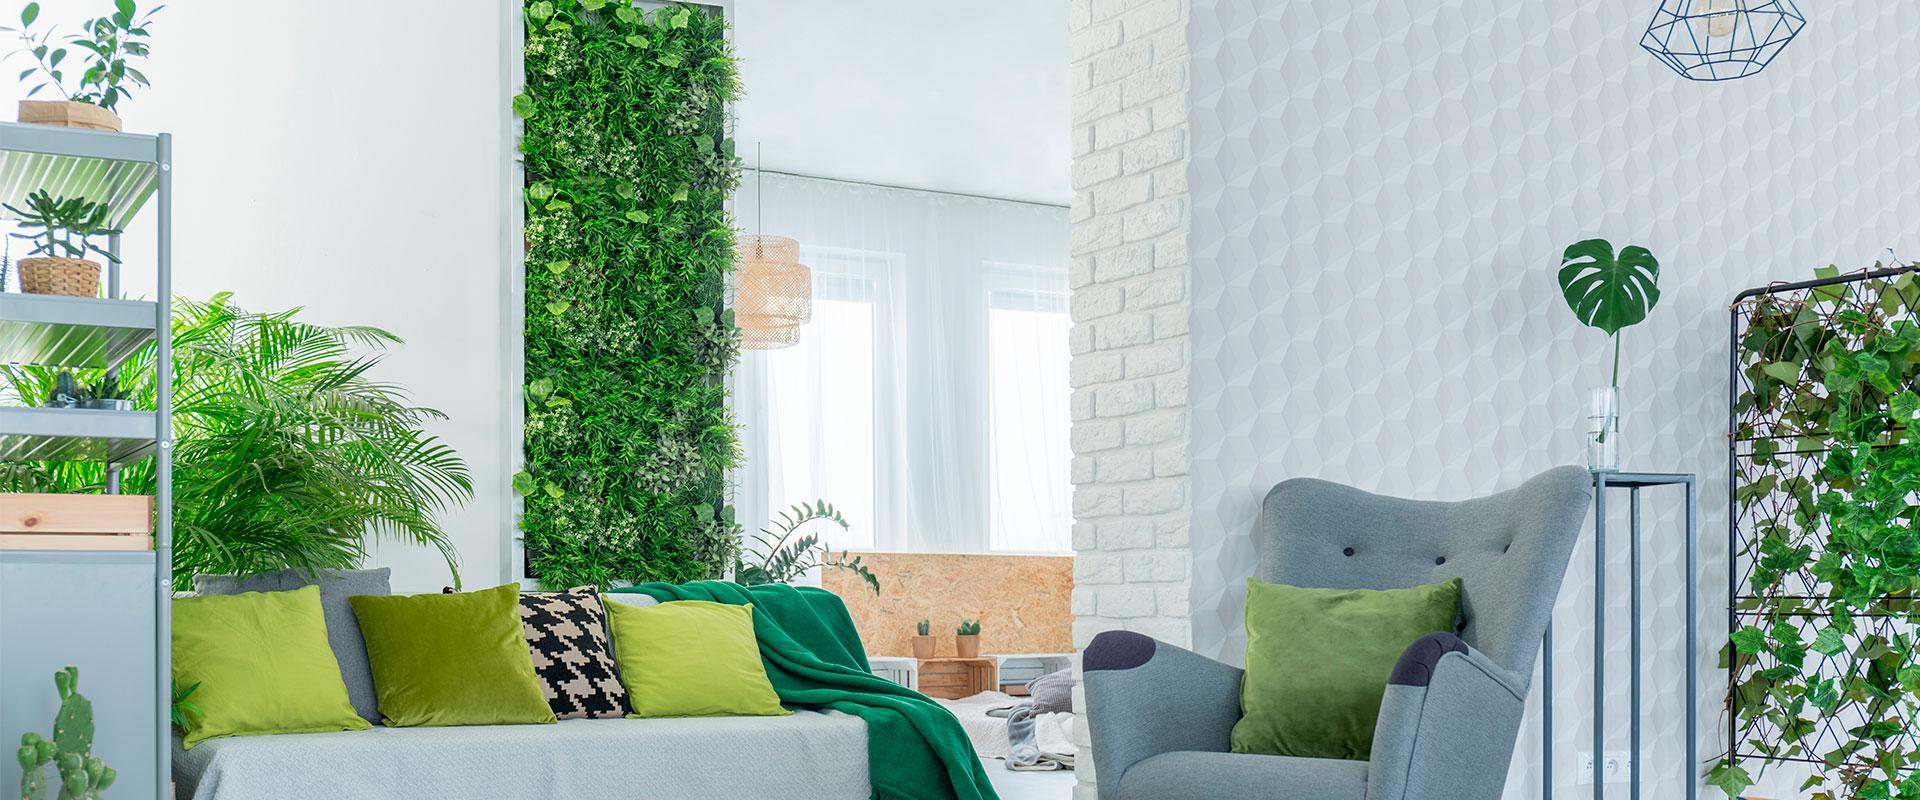 Habitación con muros verdes.